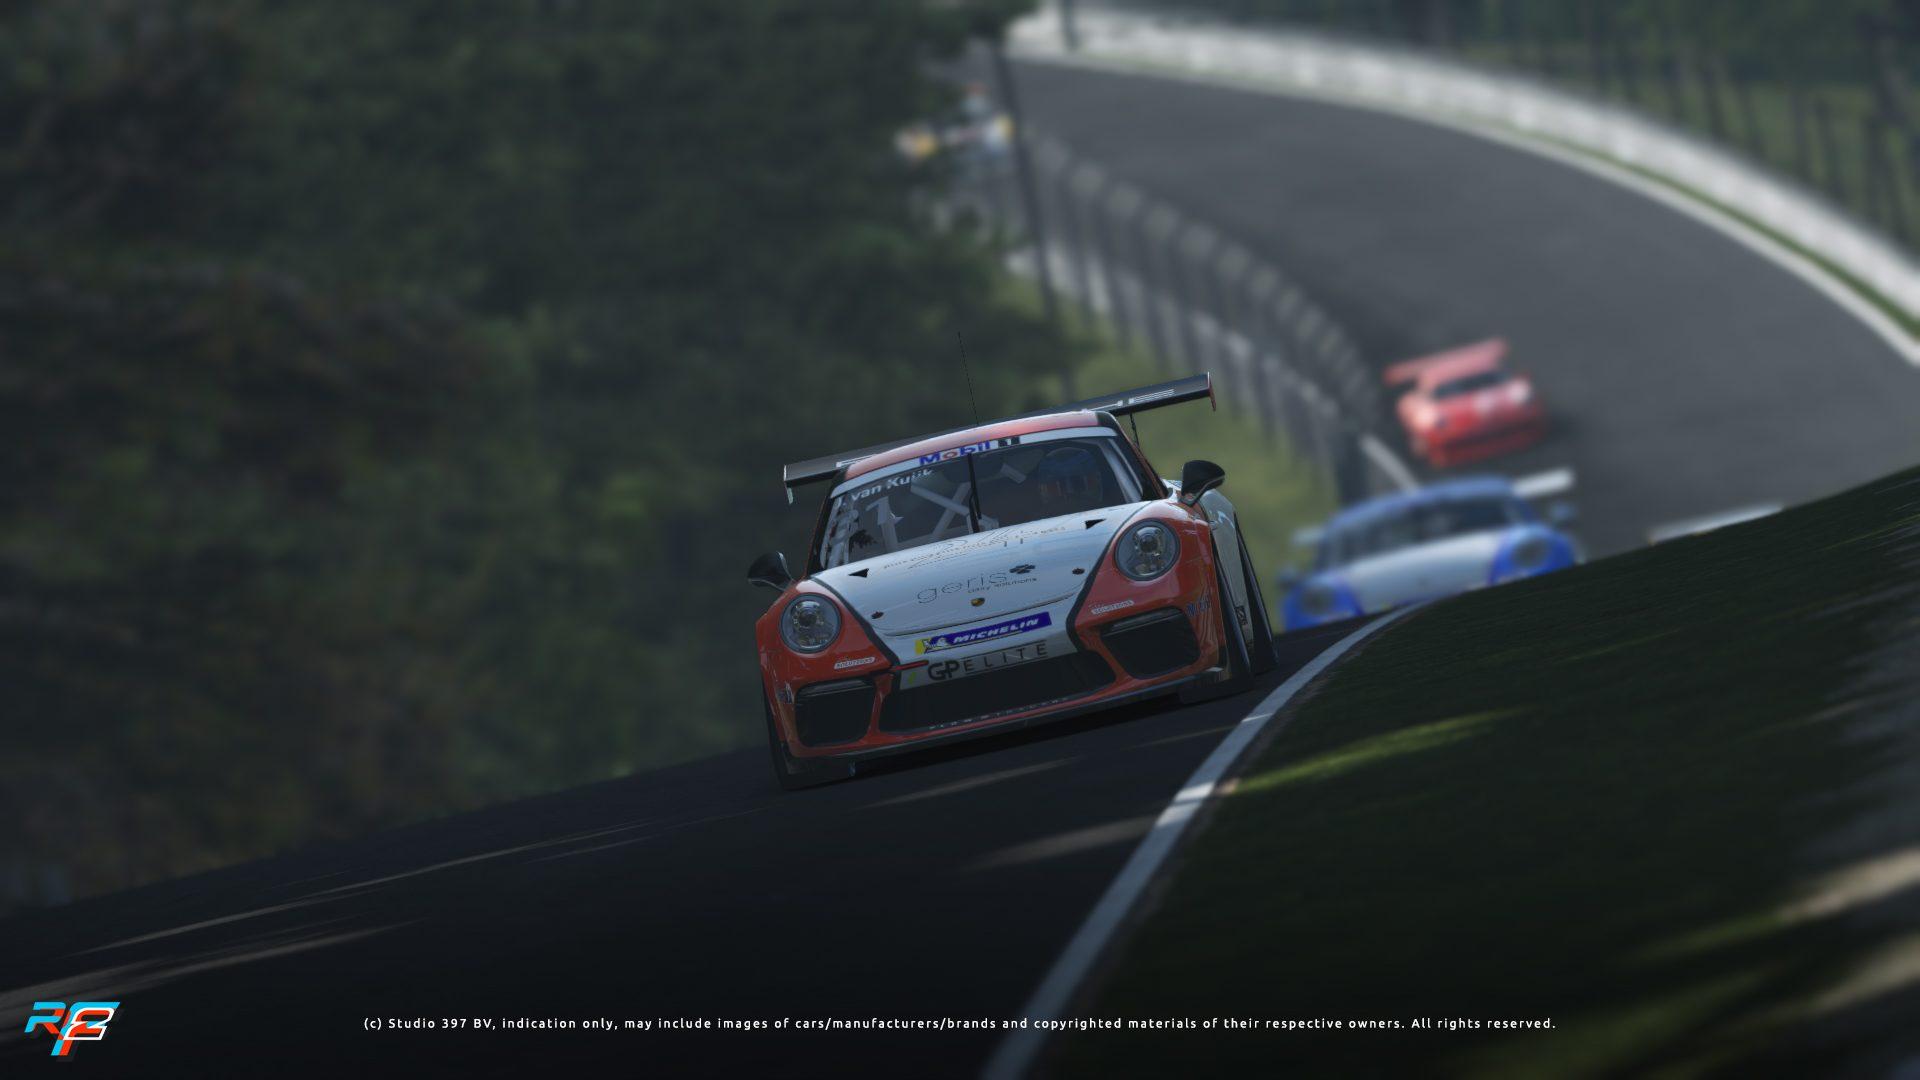 Porsche_911_GT3_Cup_screenshot_04_brande